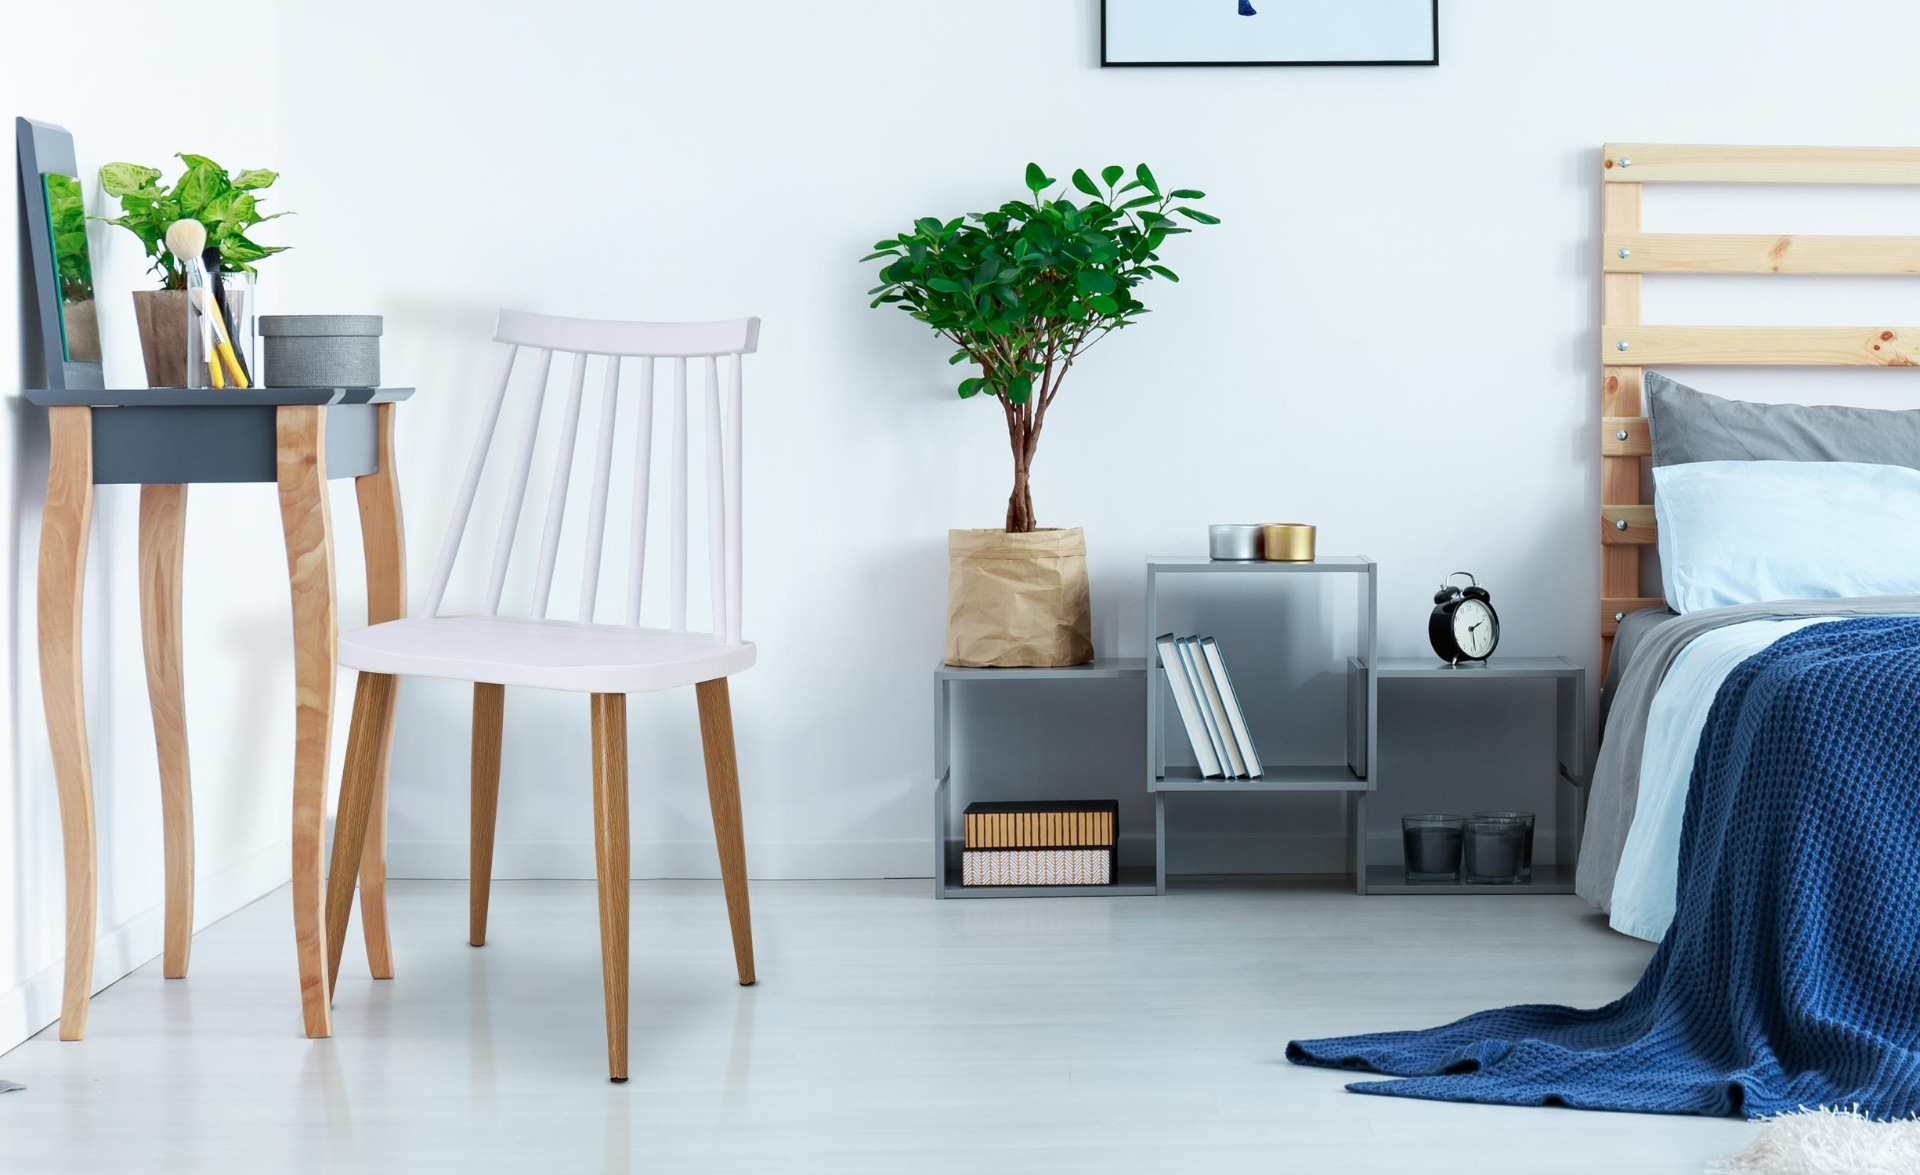 Lot de 4 chaises scandinaves Houlgate Blanc